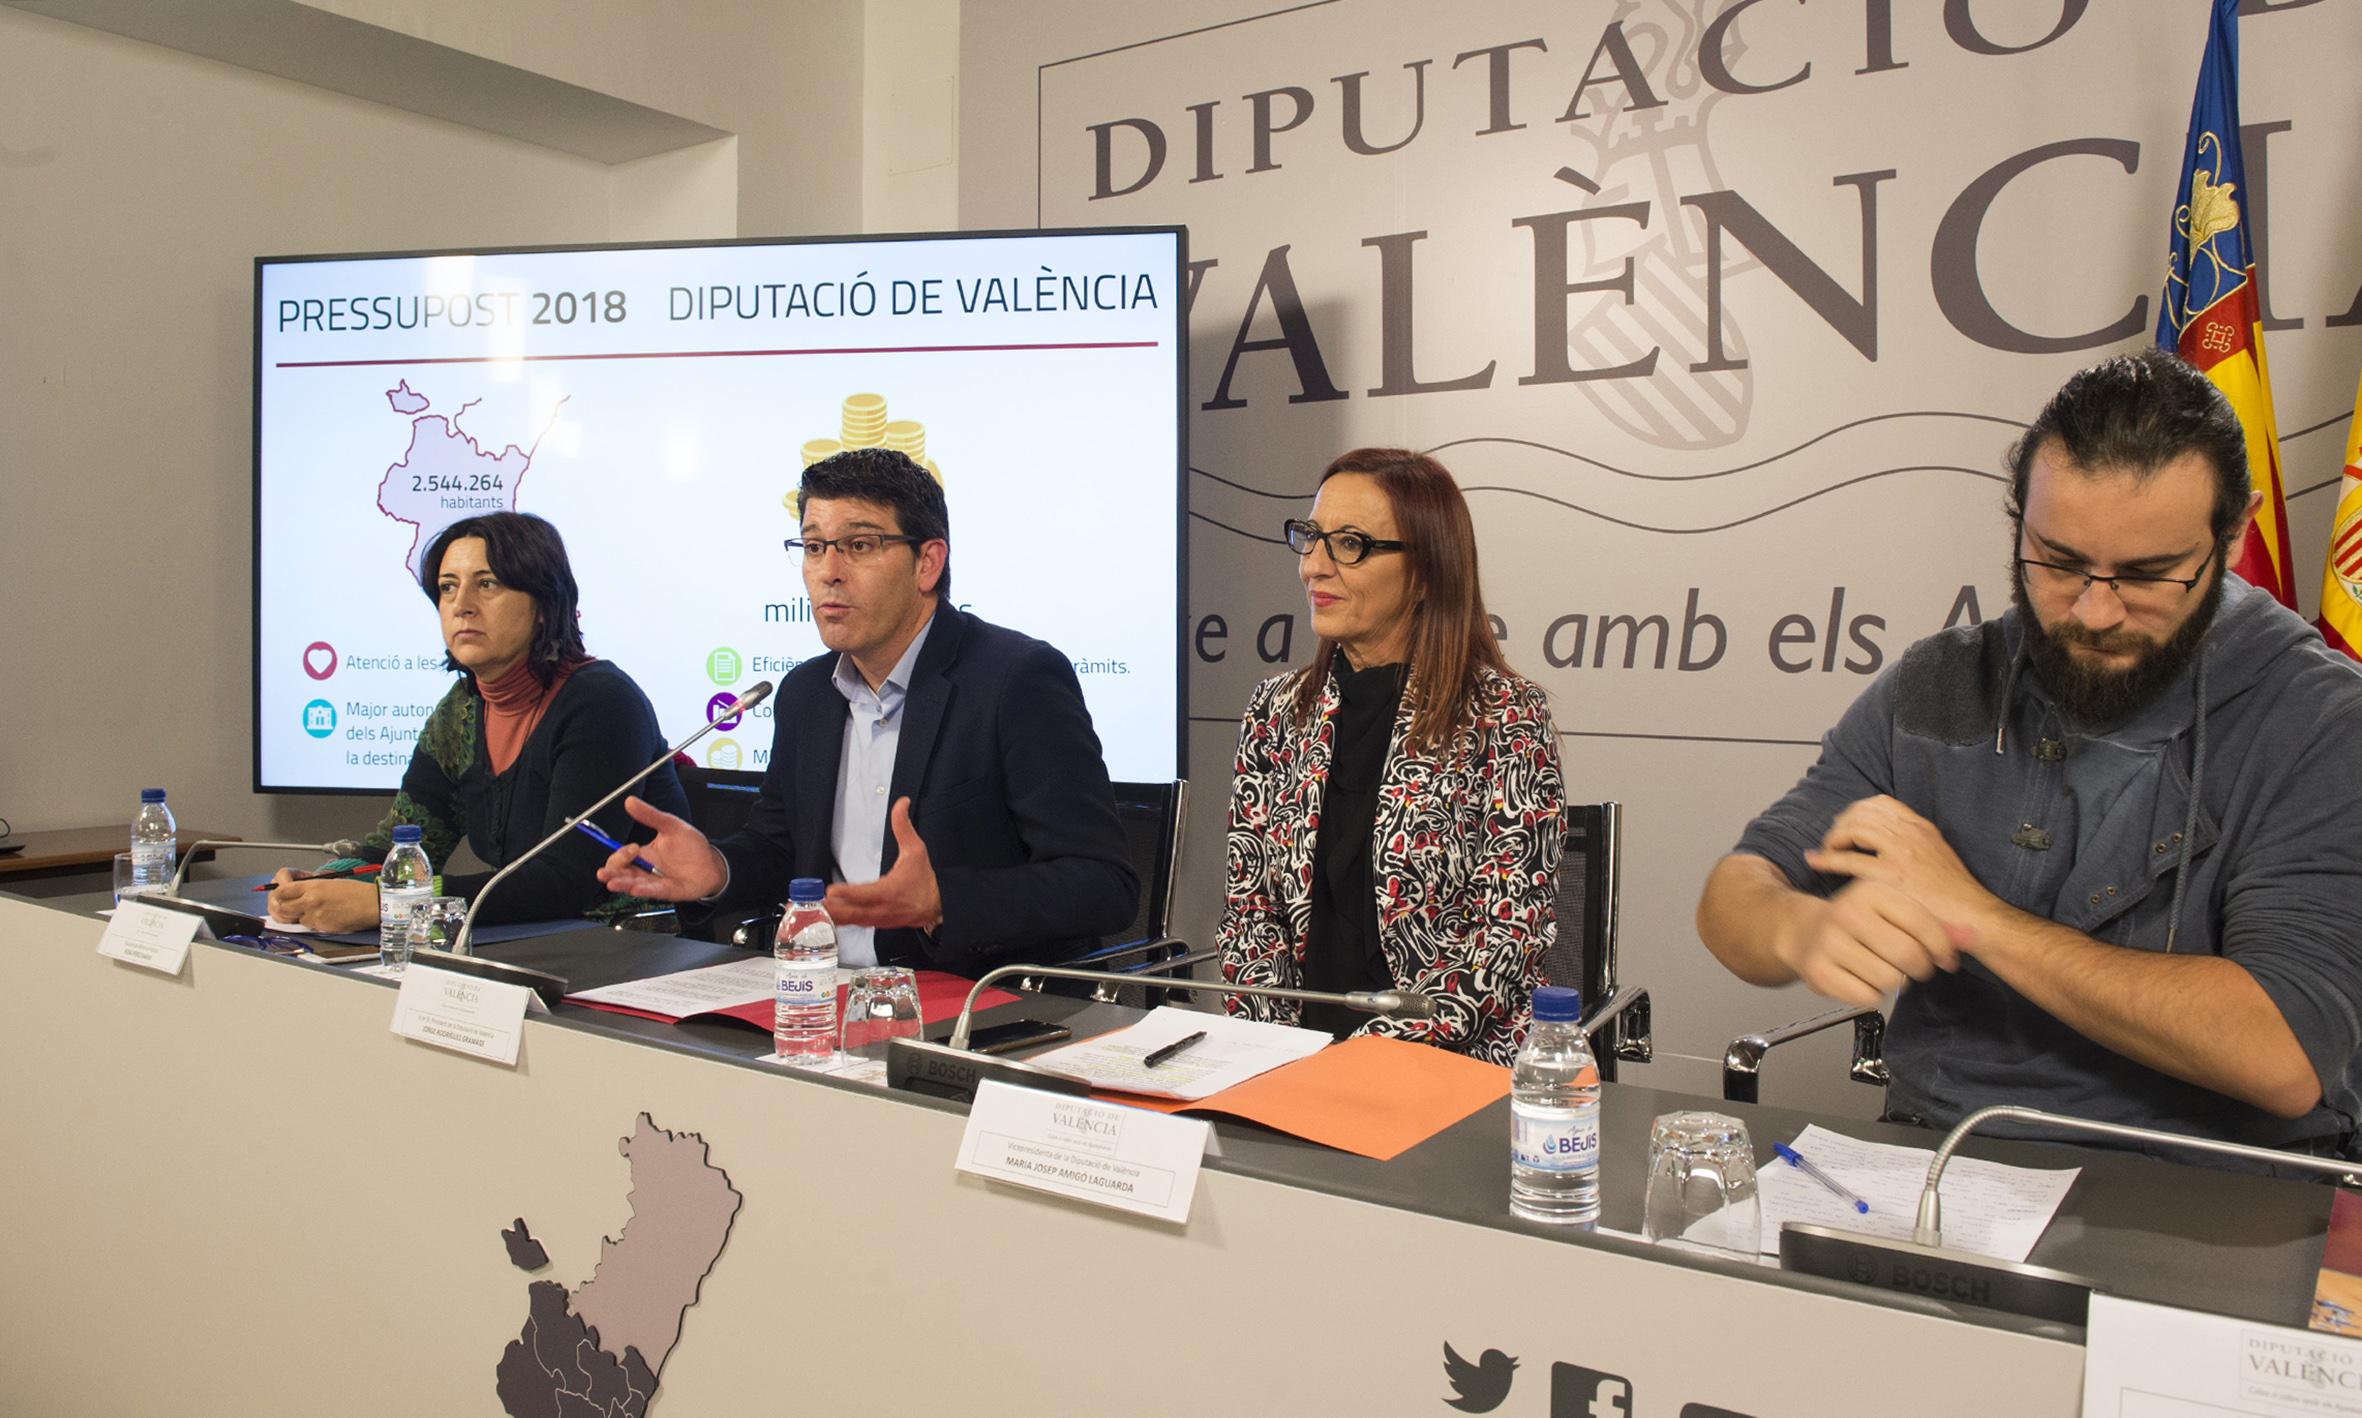 De izquierda a derecha: Rosa Pérez Garijo, Jorge Rodríguez, Mª Josep Amigó y Roberto Jaramillo.